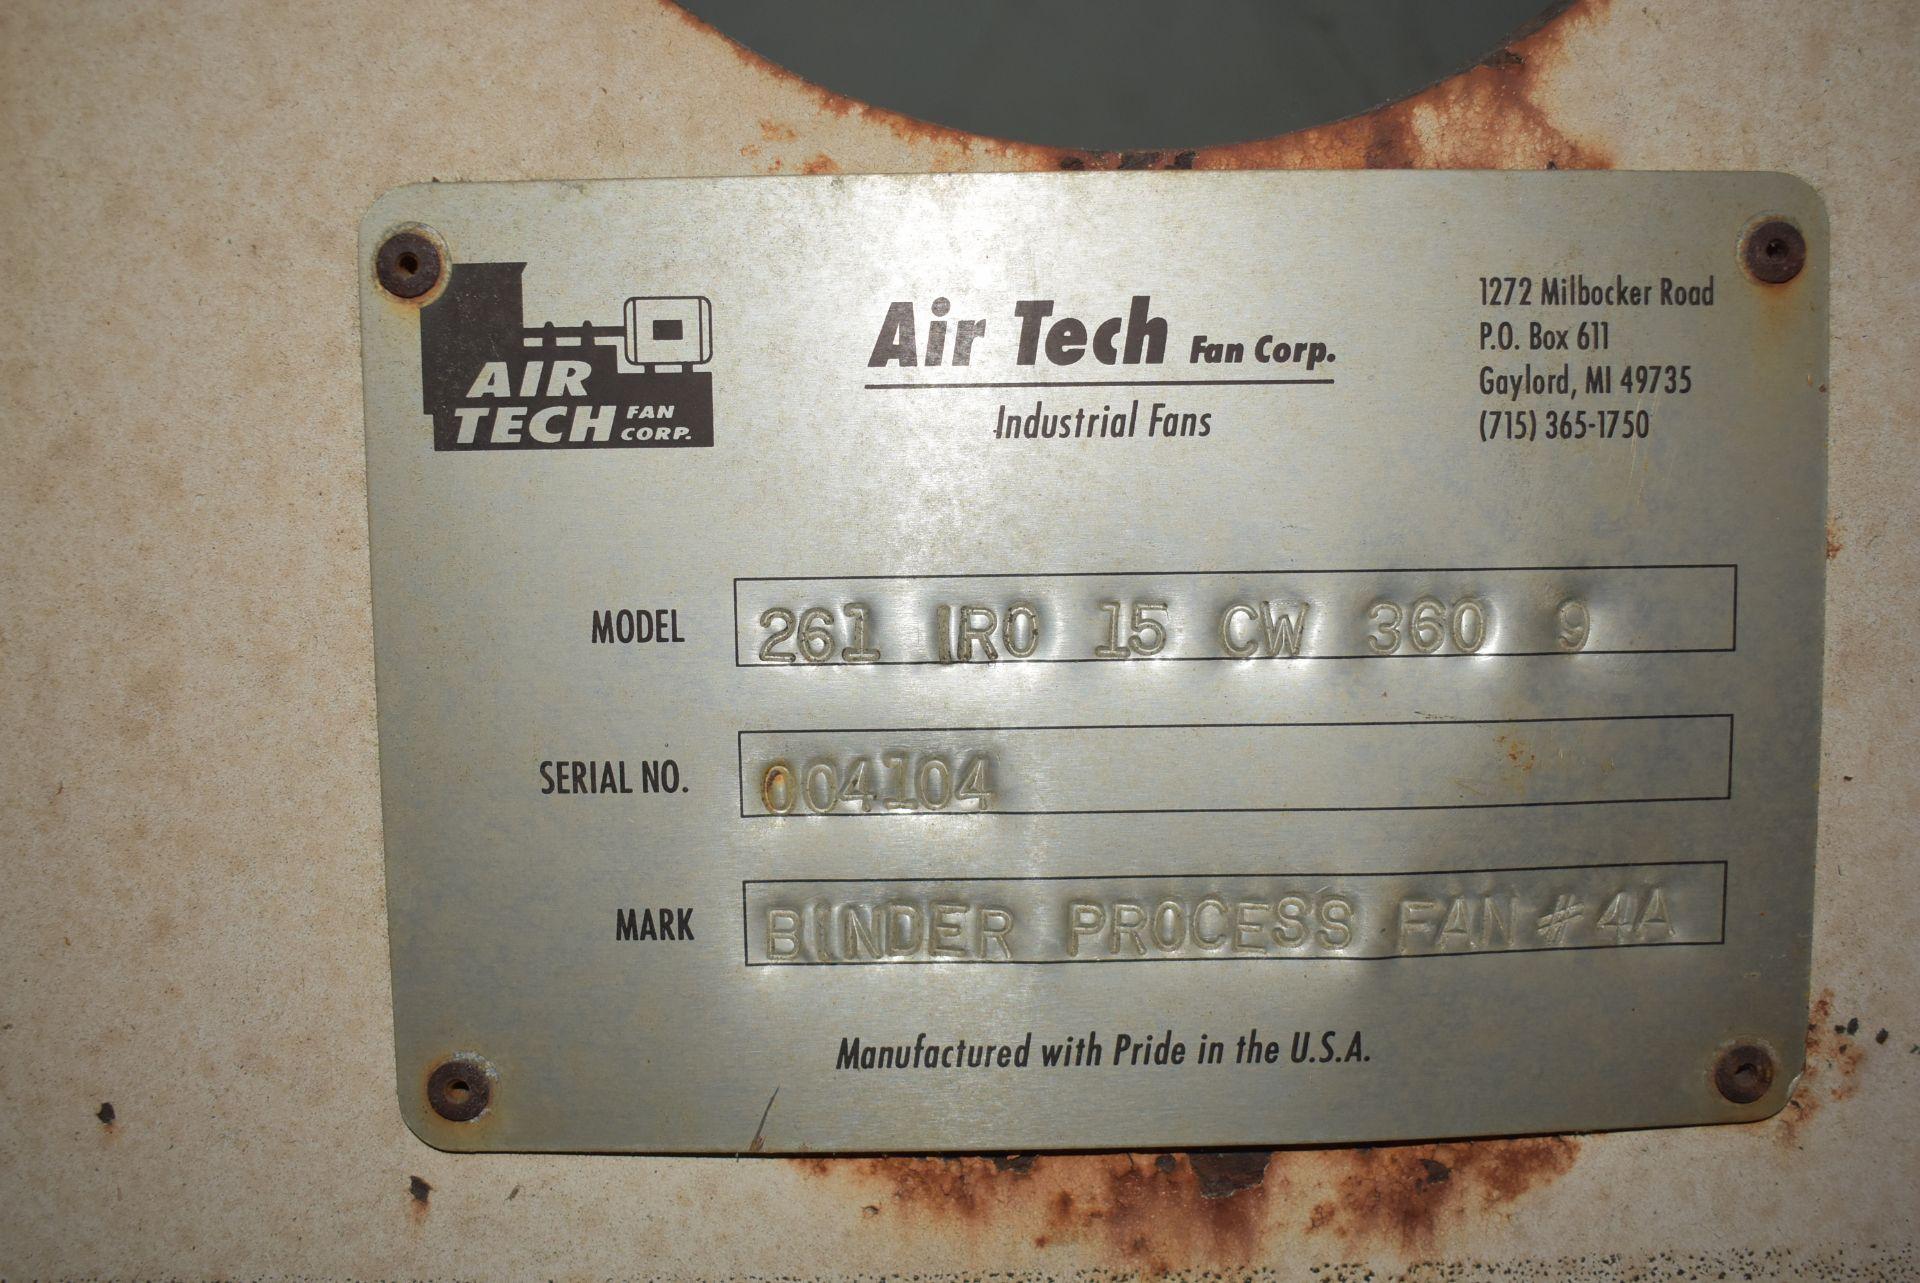 Air Tech Model #261-IRO Blower w/20 HP Motor - Image 3 of 4